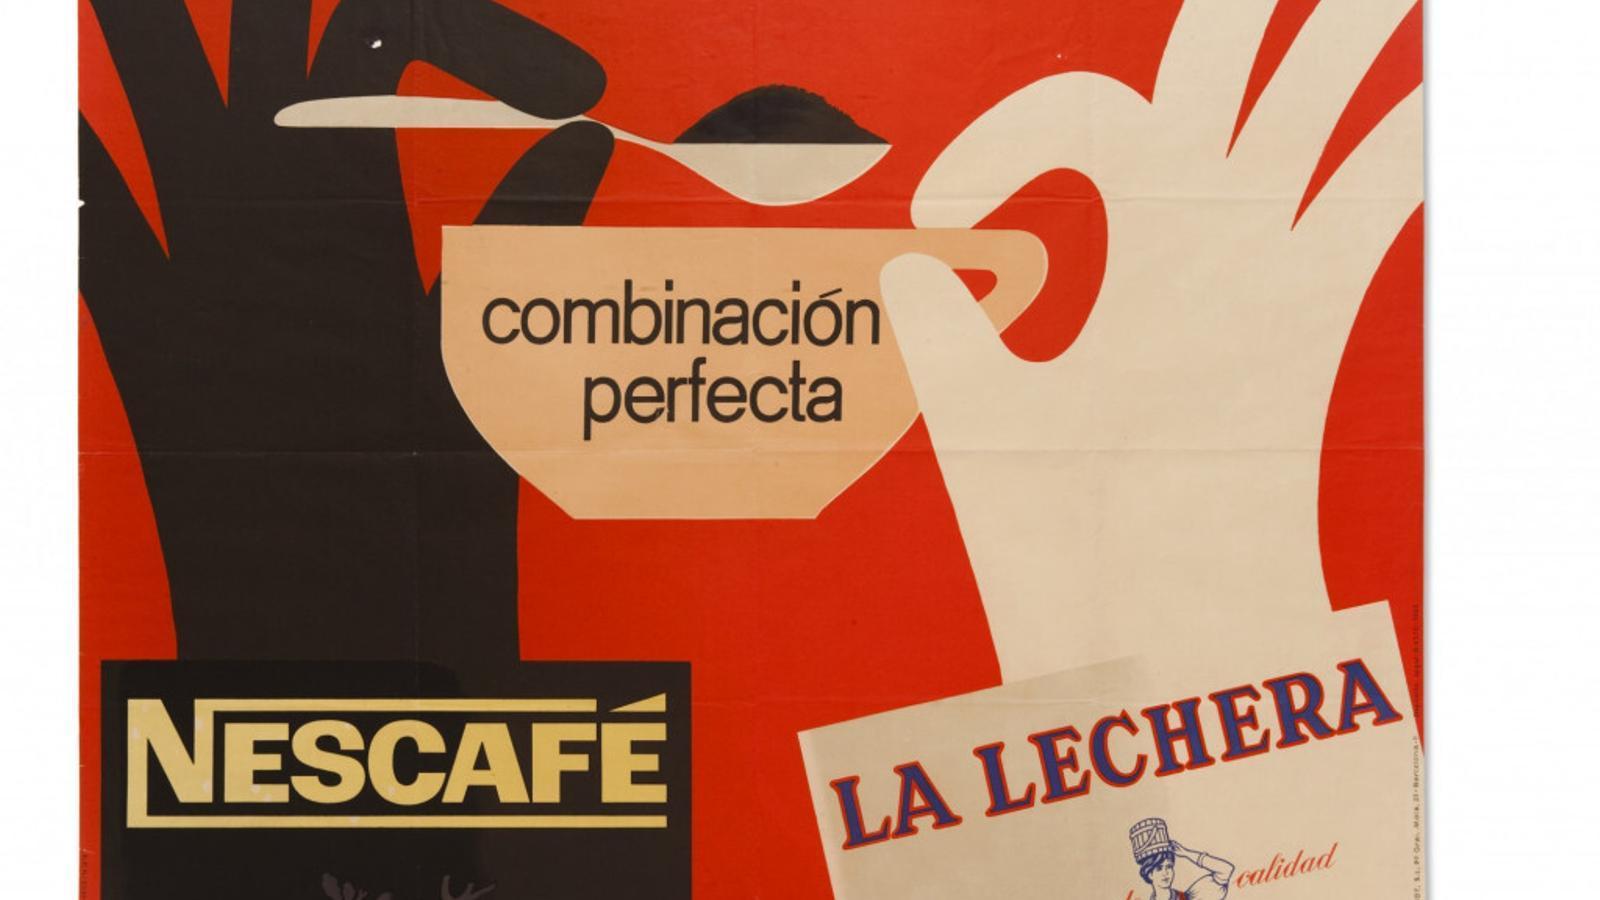 Cartell comercial de Nestlé de Josep Pla-Narbona